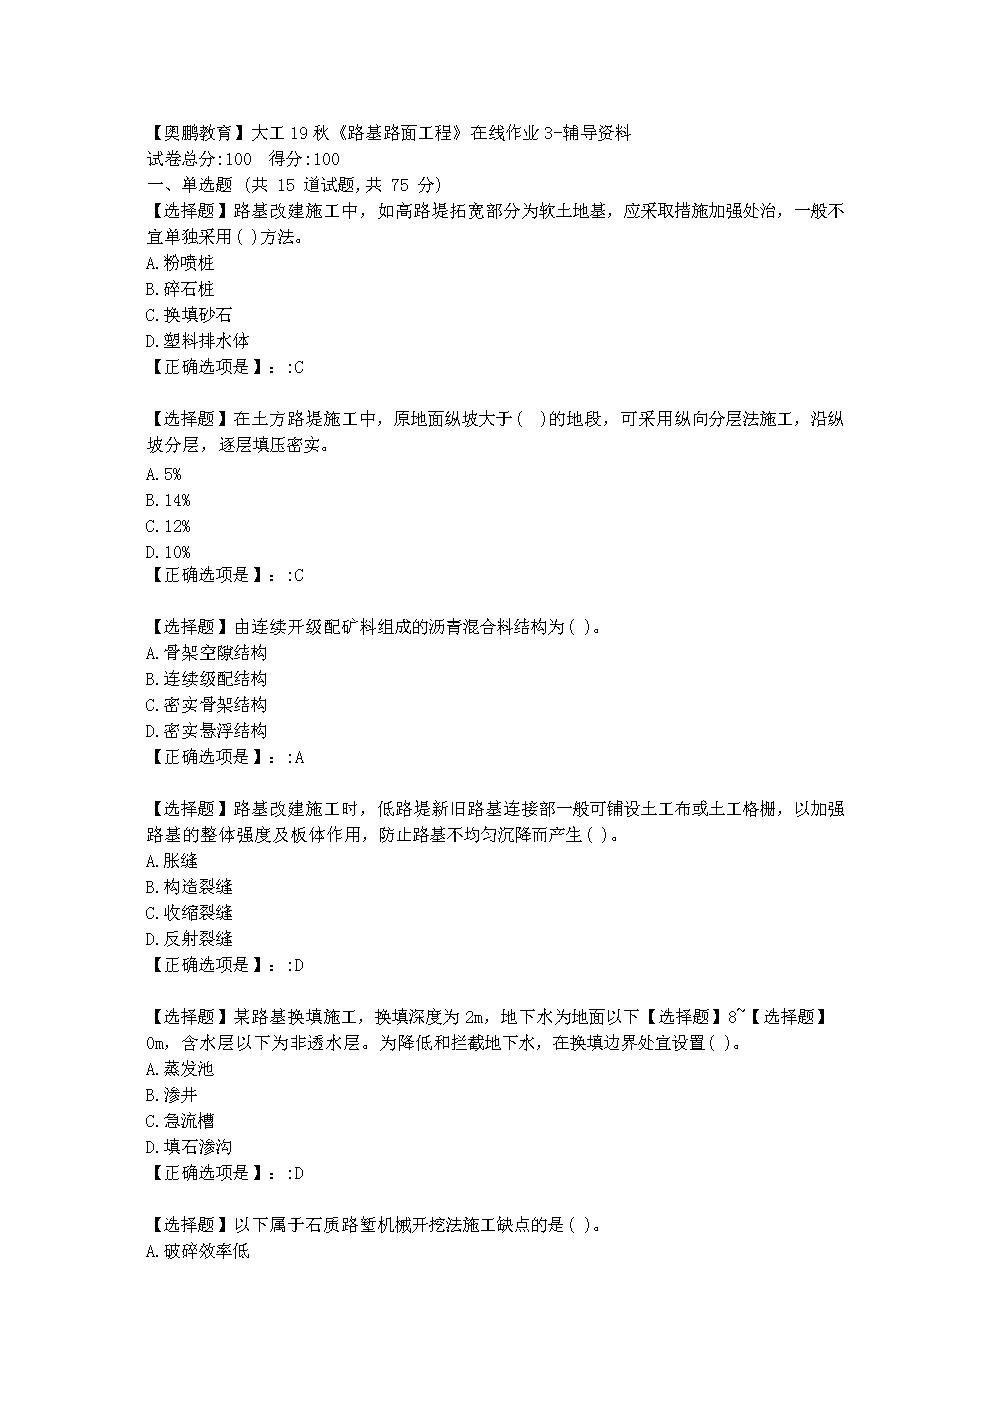 大连理工大学19秋《路基路面工程》在线作业3学习资料.doc